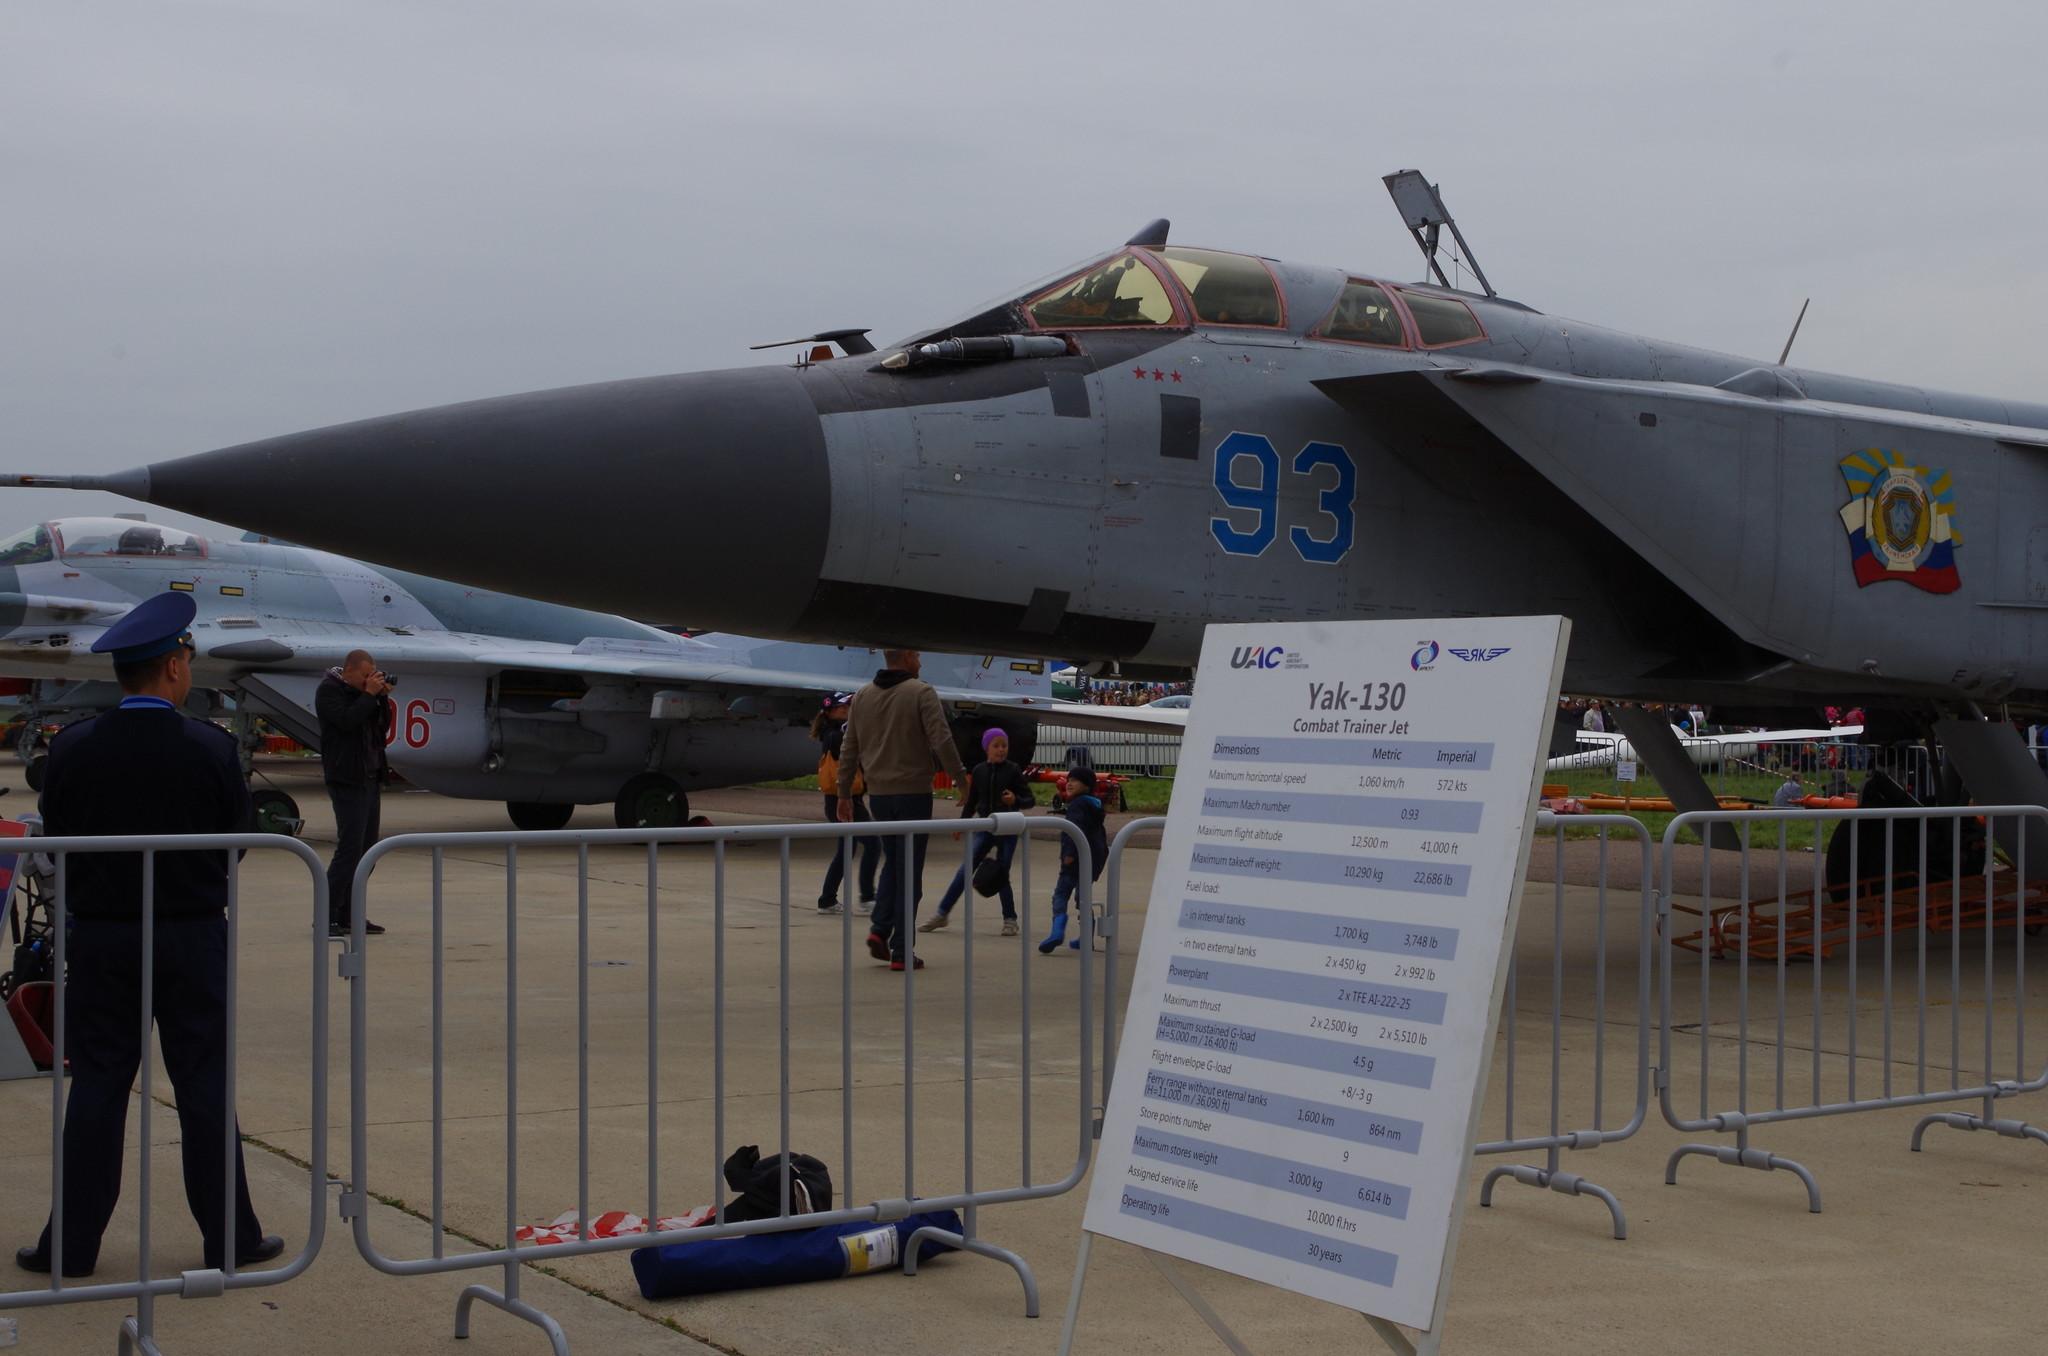 МиГ-31БМ — модернизация 1998 года, современная версия МиГ-31